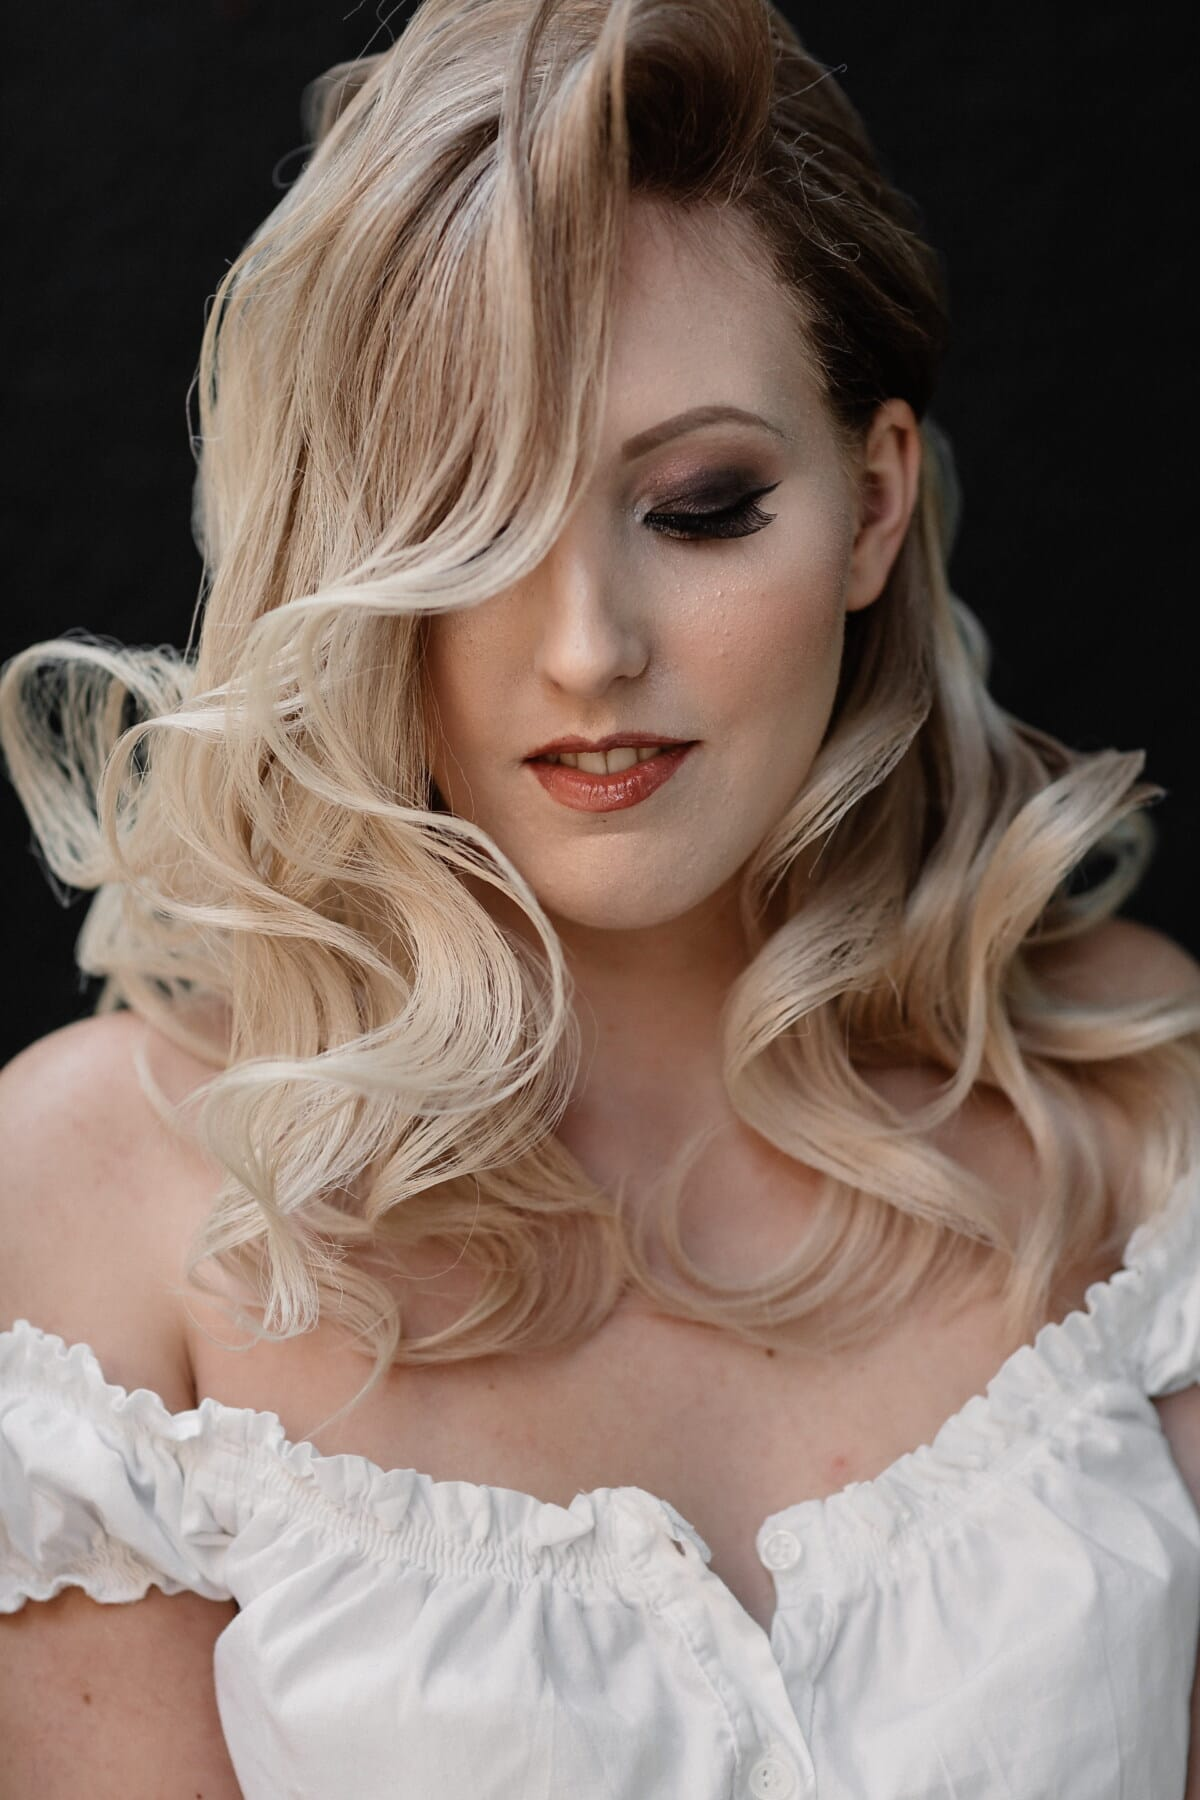 pózol, fénykép modell, frizura, közelkép, szőke haj, arc, szem, szempilla, elegancia, csinos